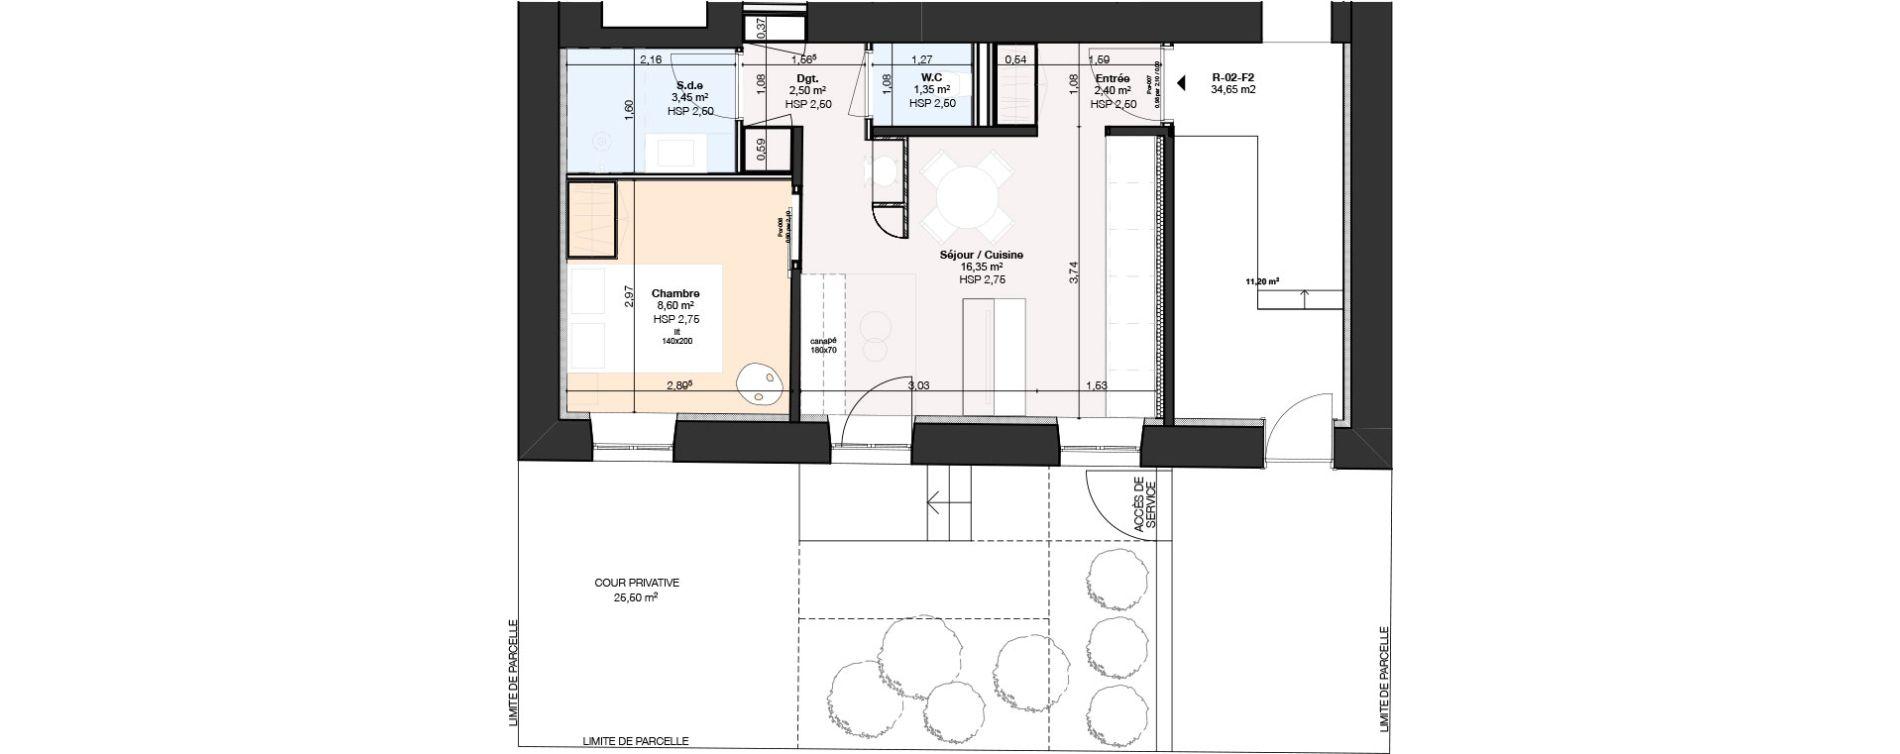 Appartement T2 de 34,65 m2 à Nancy Rives de meurthe